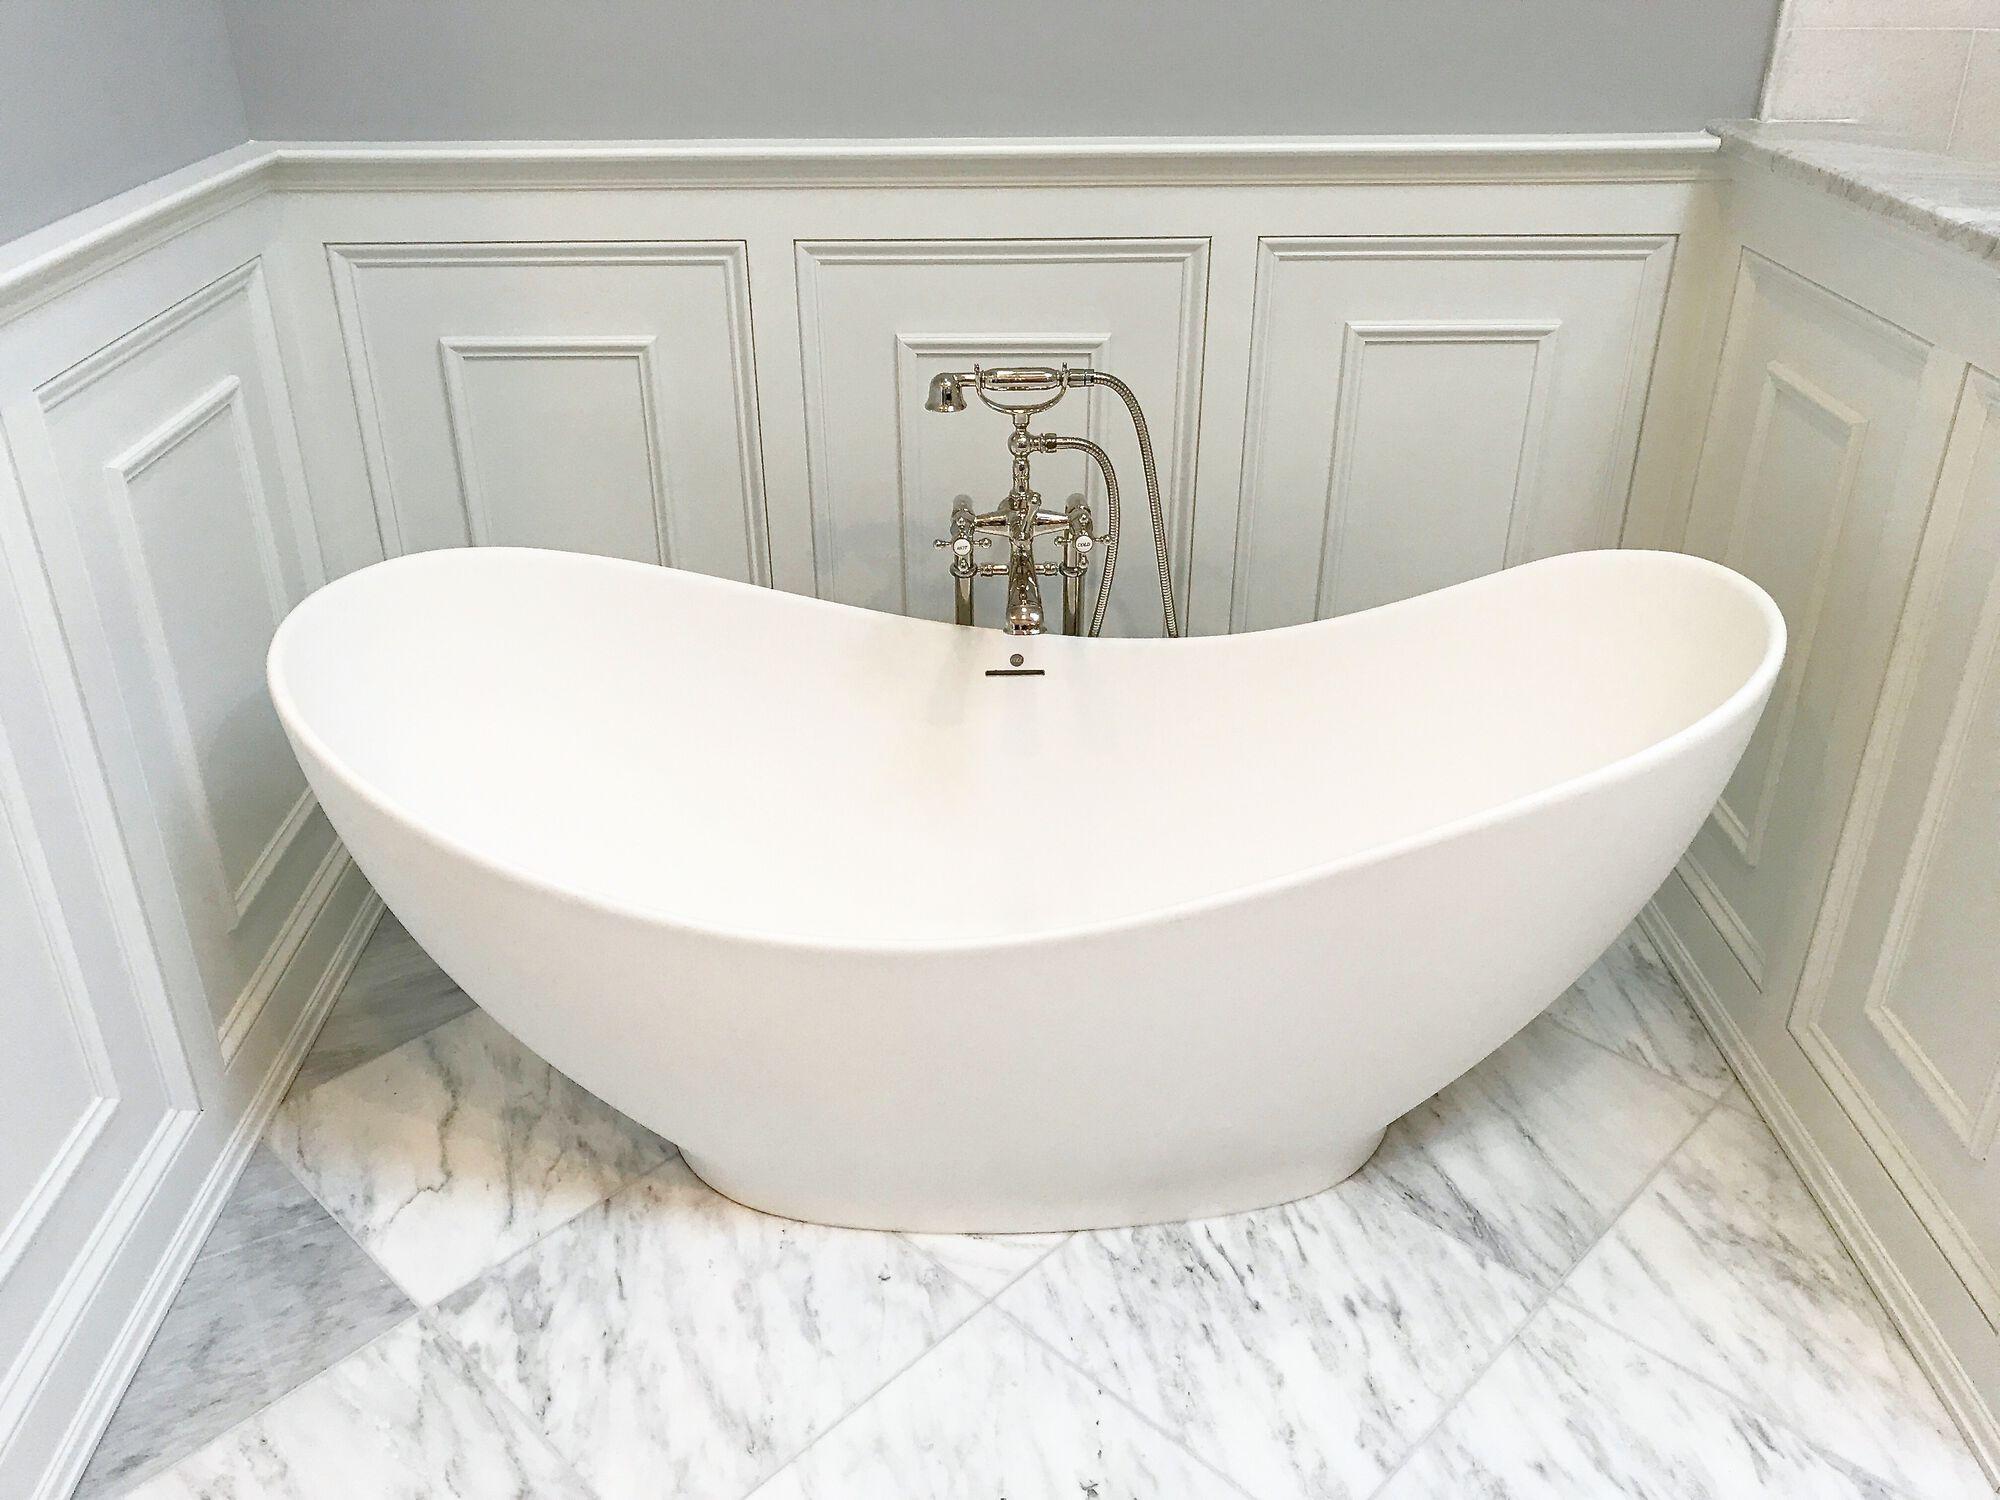 Master Bath Soaking Tub, Millwork Paneled Walls, Floor Mounted Filler in Basking Ridge NJ